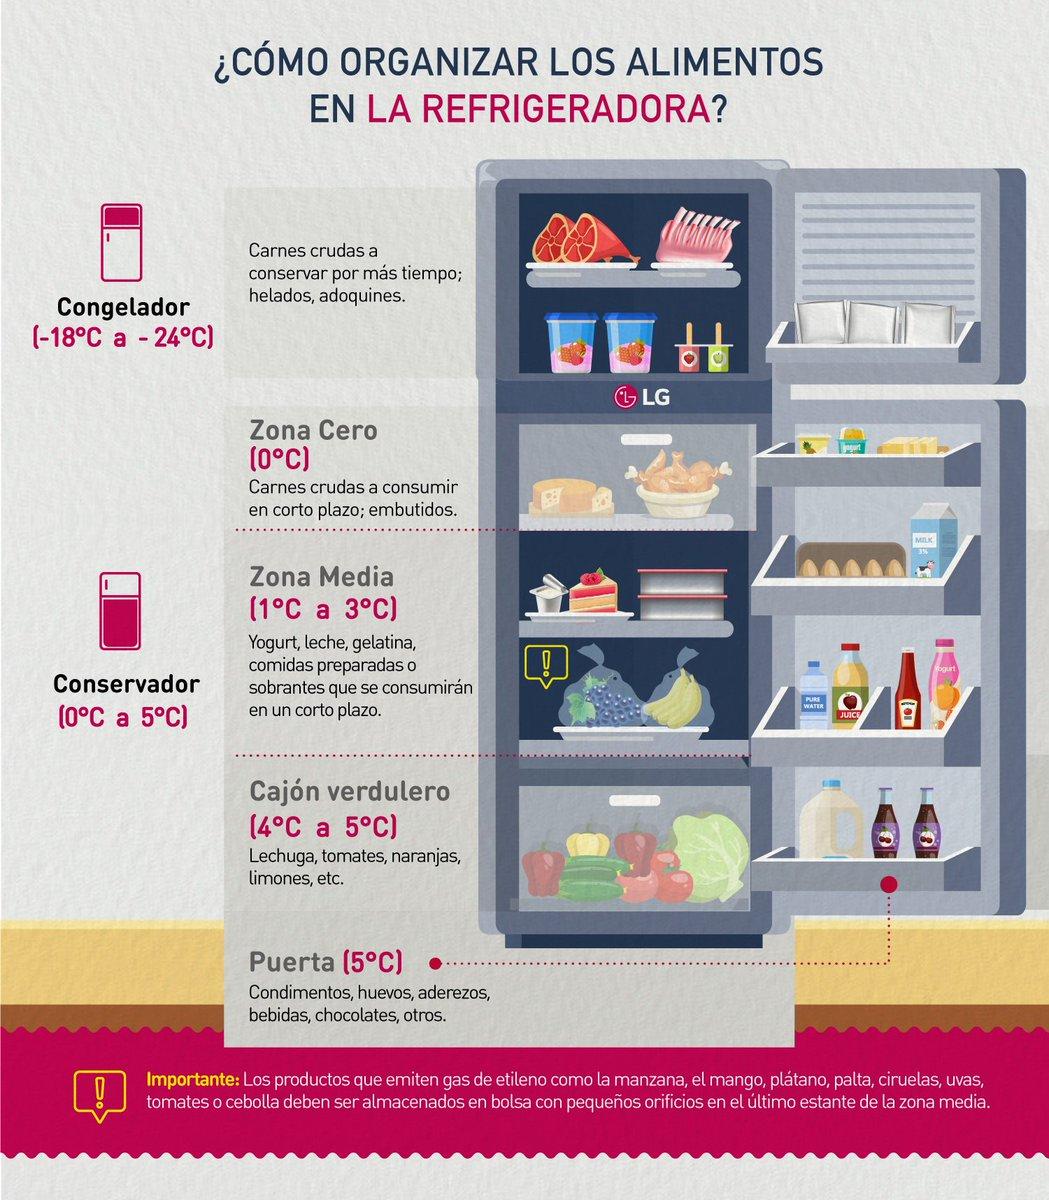 refrigerador-organizar